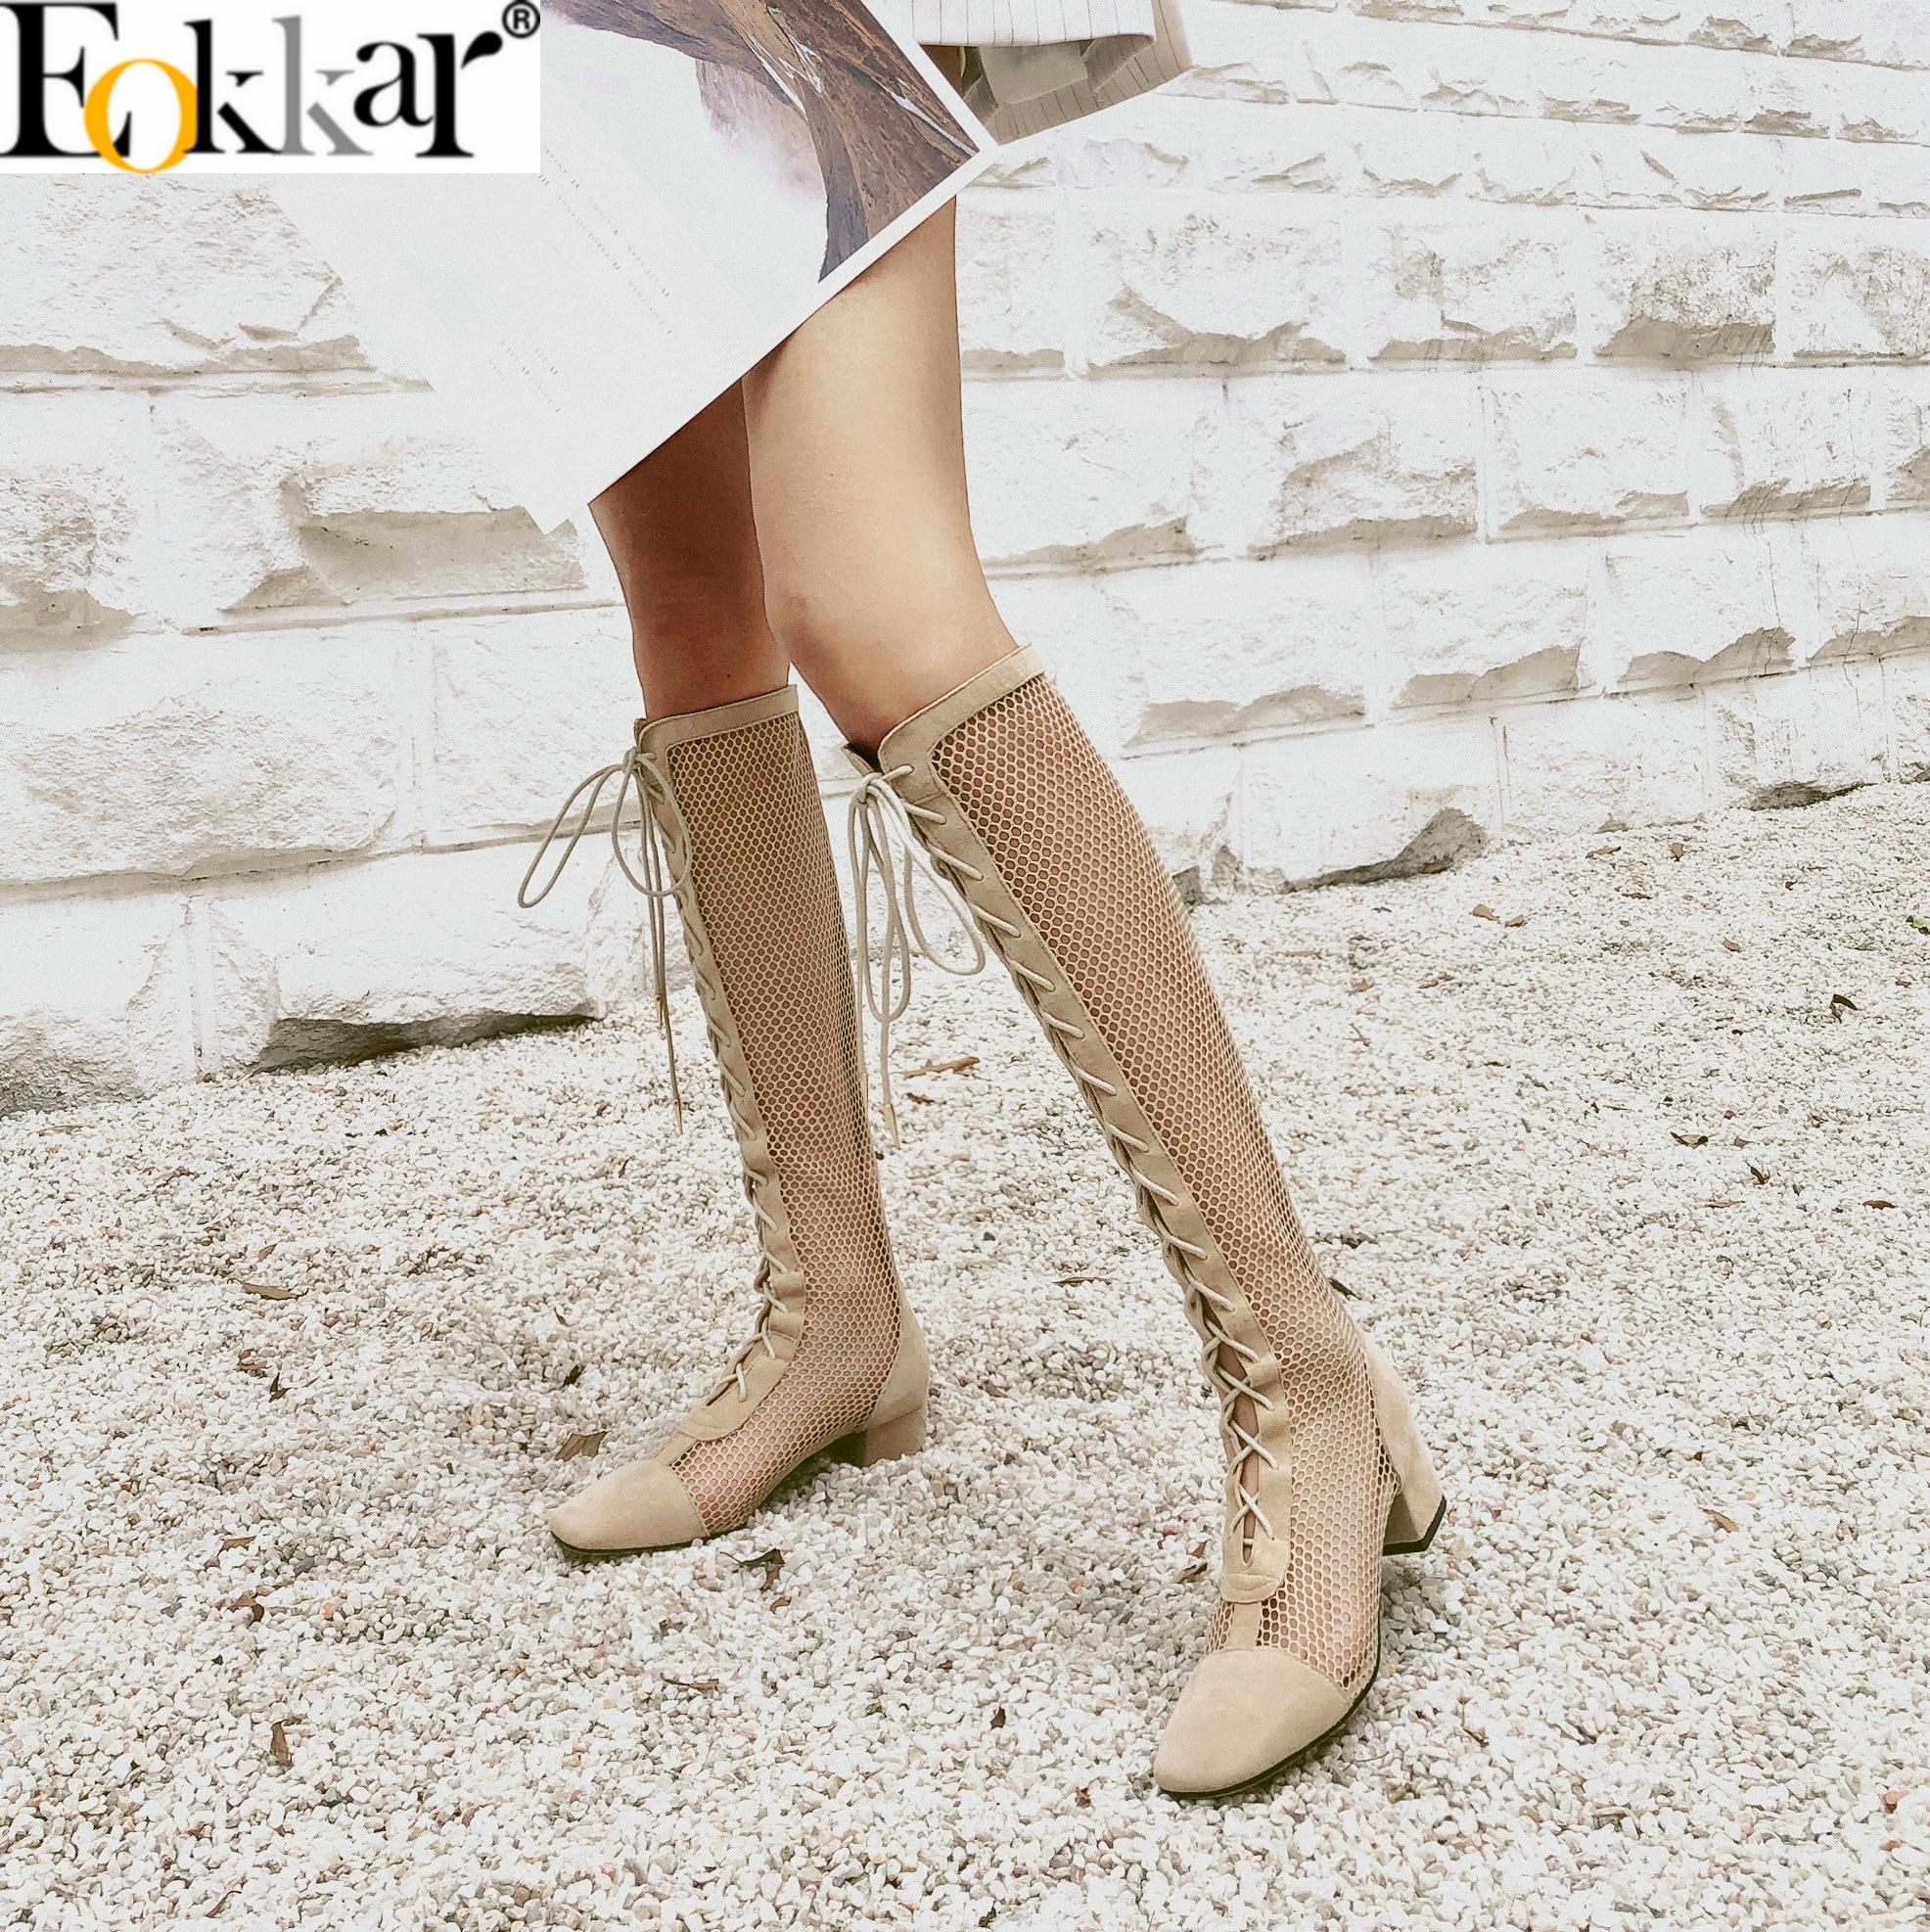 Ayakk.'ten Diz Hizası Çizmeler'de Eokkar 2020 Çocuk Süet Hallow Kadınlar Diz Yüksek Çizmeler Kare Ayak Med Topuklar Bahar Ayakkabı Fermuar Zarif Dantel Kadar Çizmeler boyutu 34 40'da  Grup 1